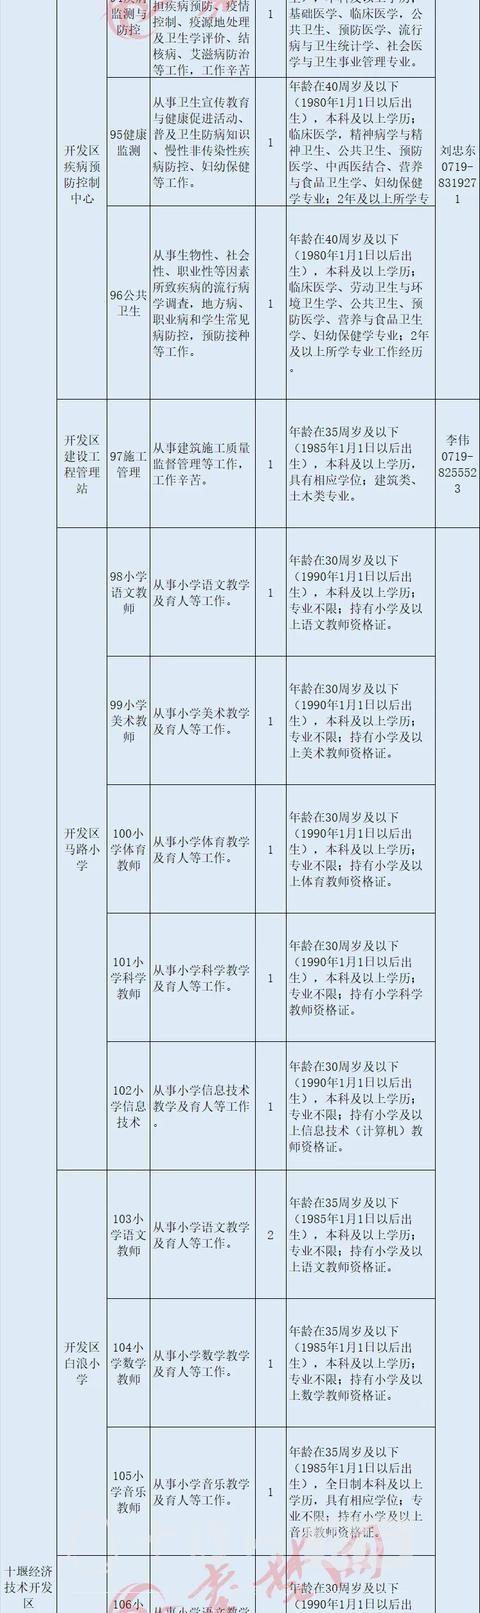 十堰启动事业单位大规模招聘,最全岗位表来了-9.jpg